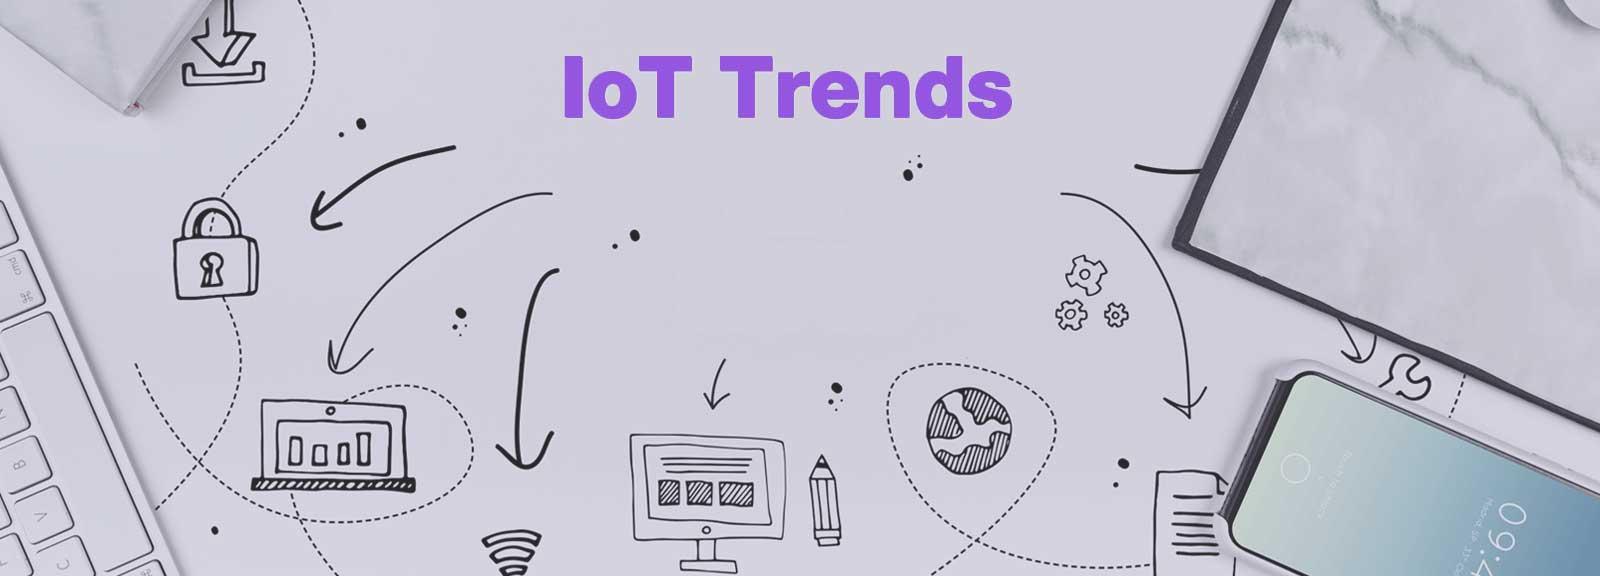 IoT Trends banner